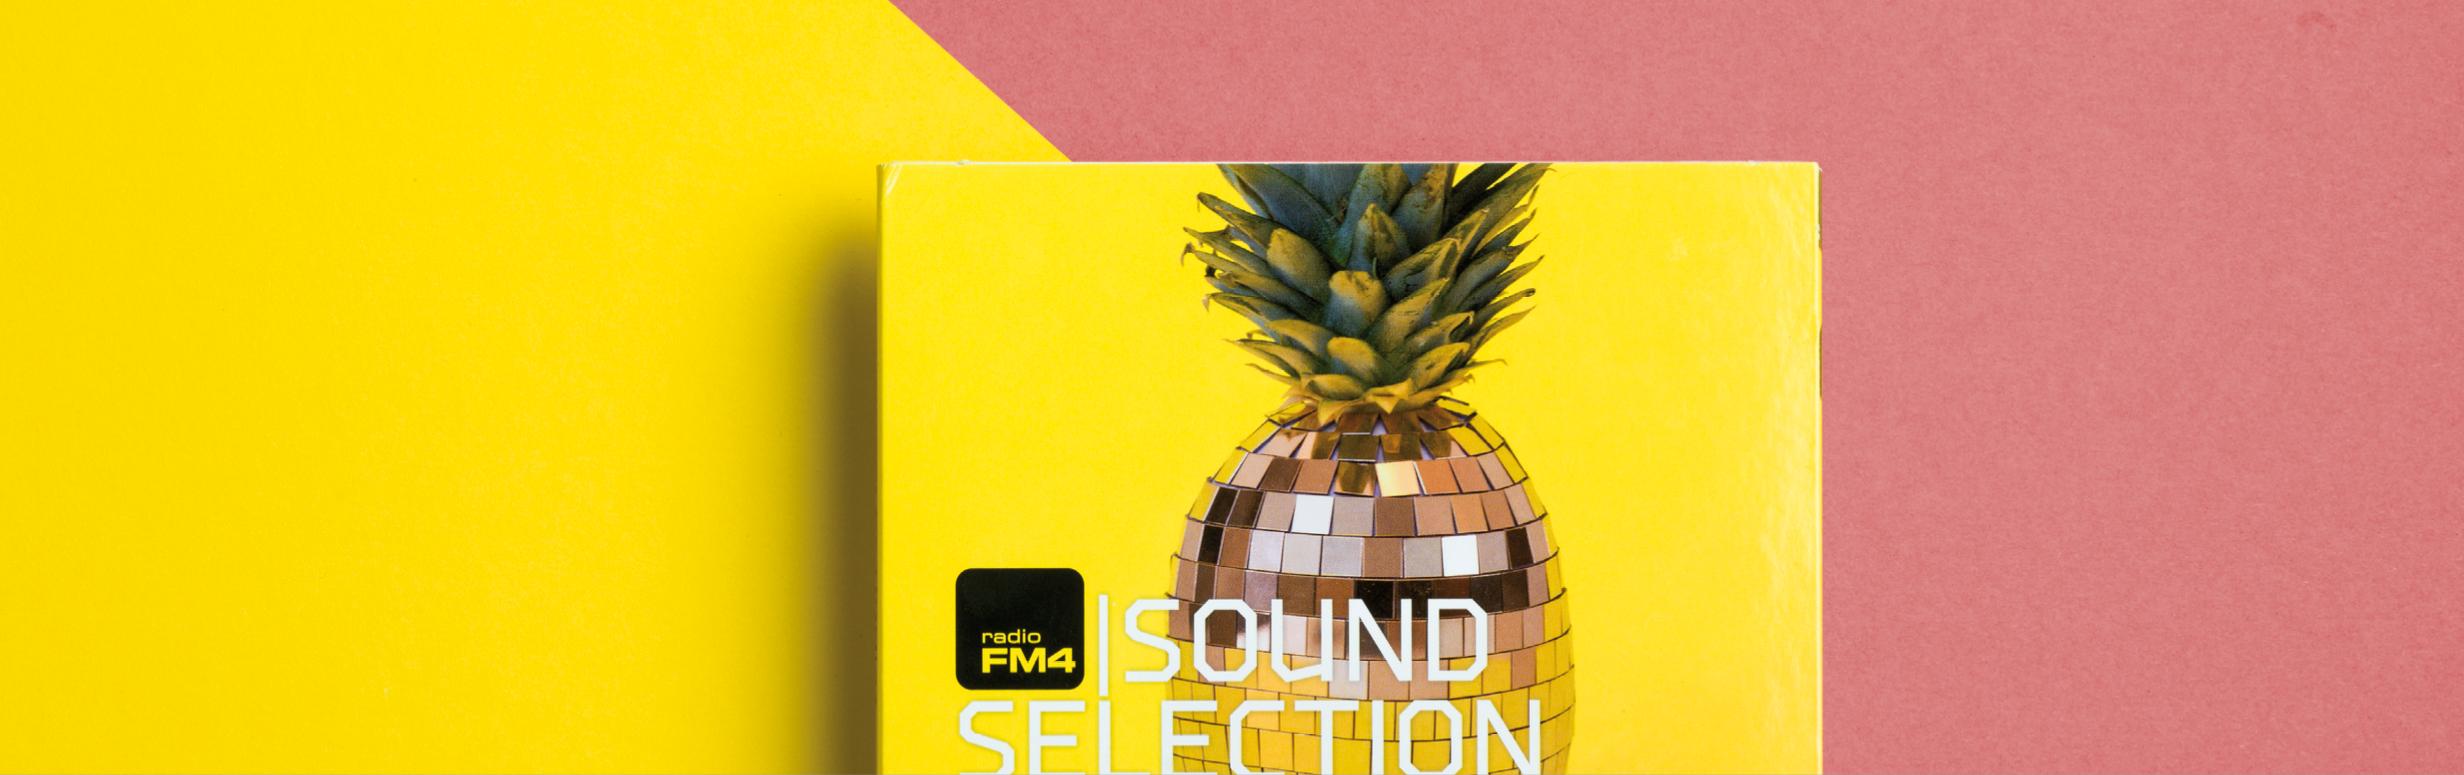 Sound_1